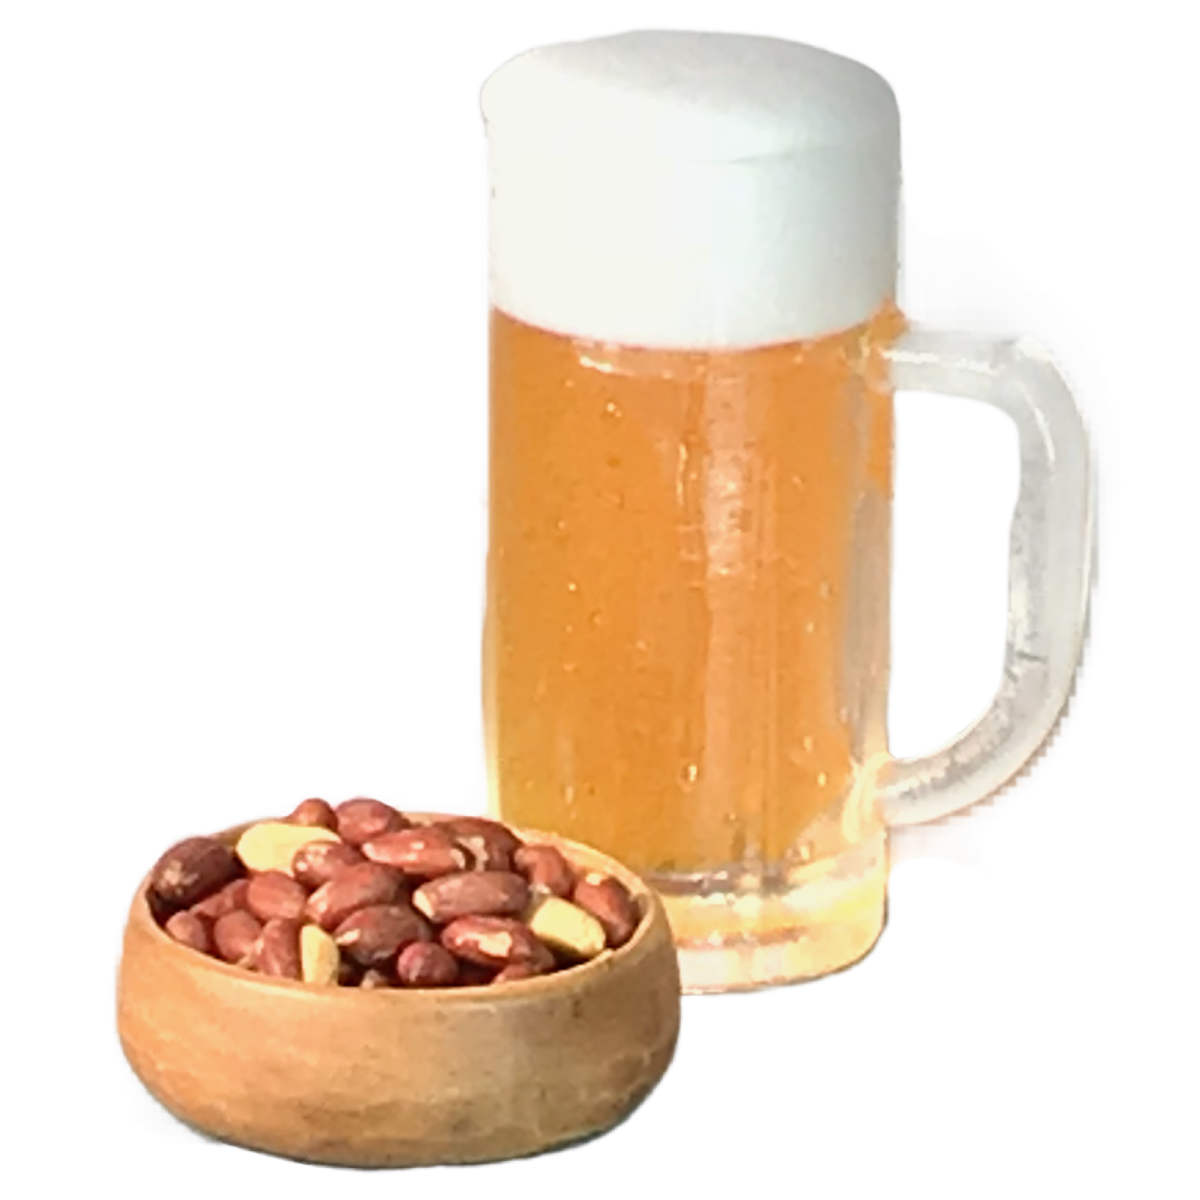 ピーナッツ 皮付き ピーナッツ 無添加 ピーナッツ 薄皮 落花生 素煎り 国内加工 500g x 1袋